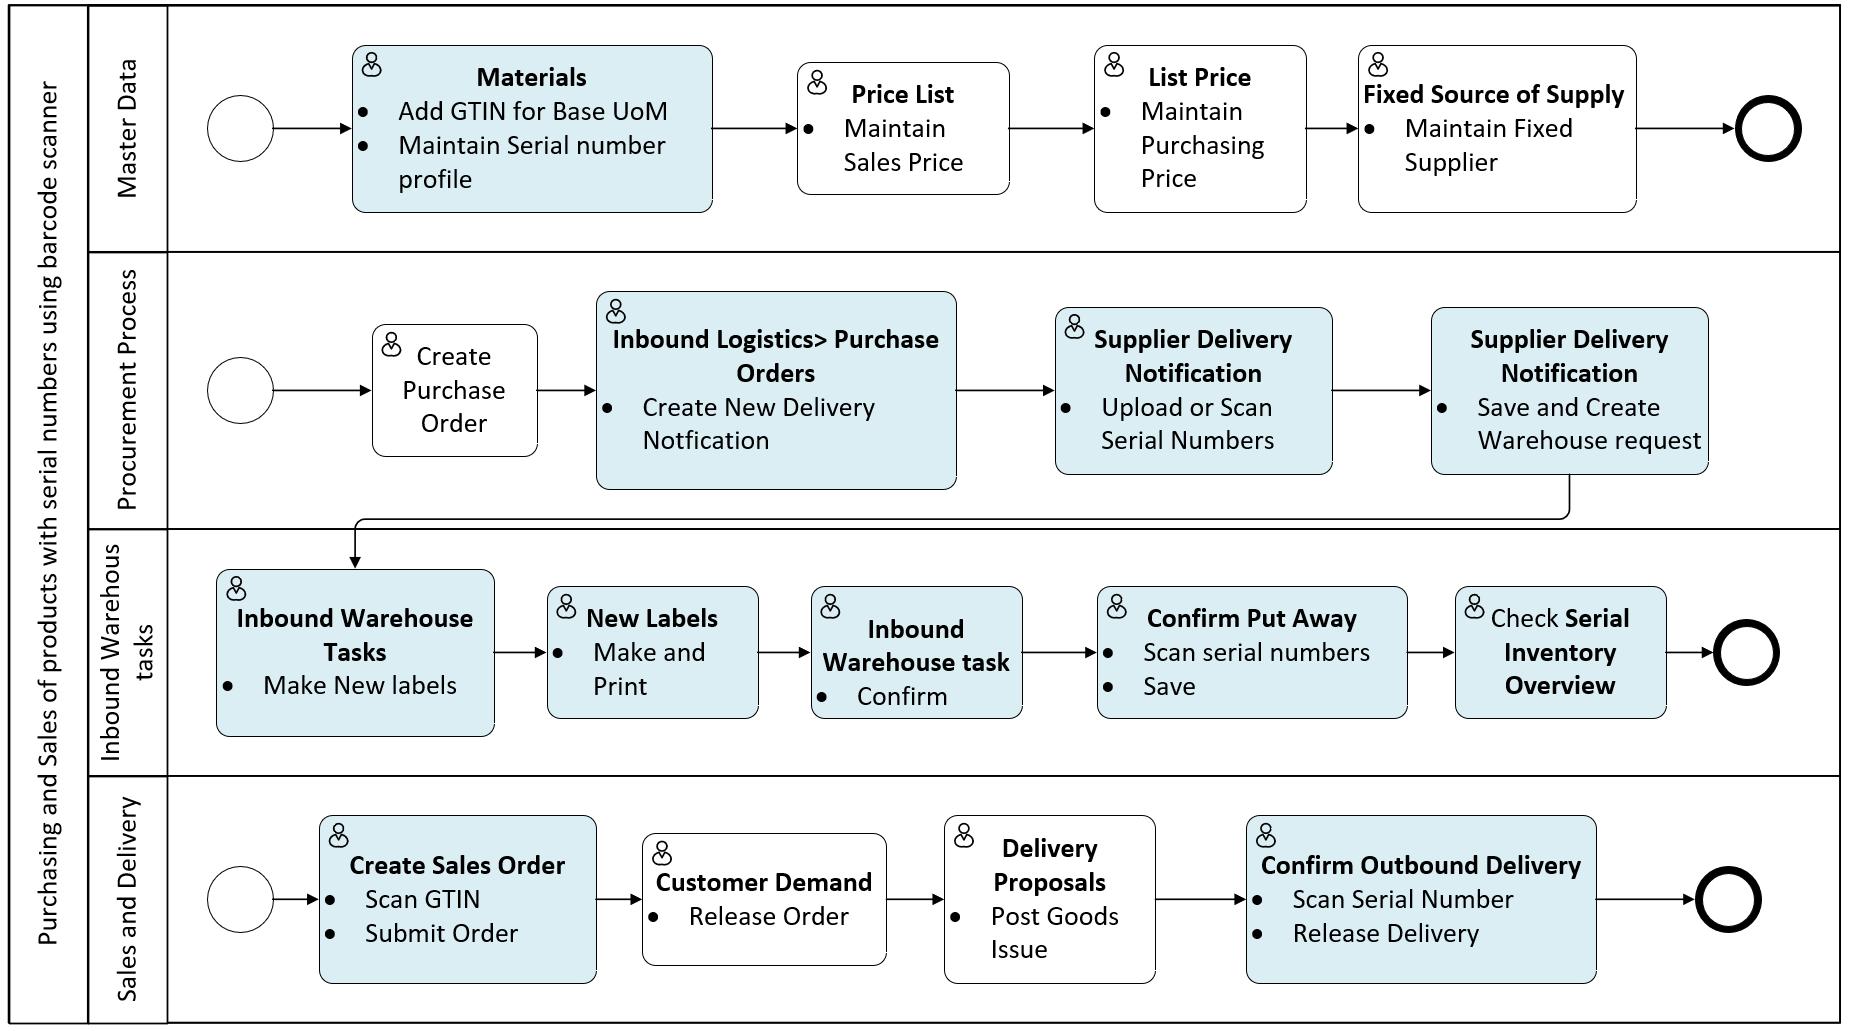 Barcode support in SAP Business ByDesign | SAP BlogsSAP Blogs